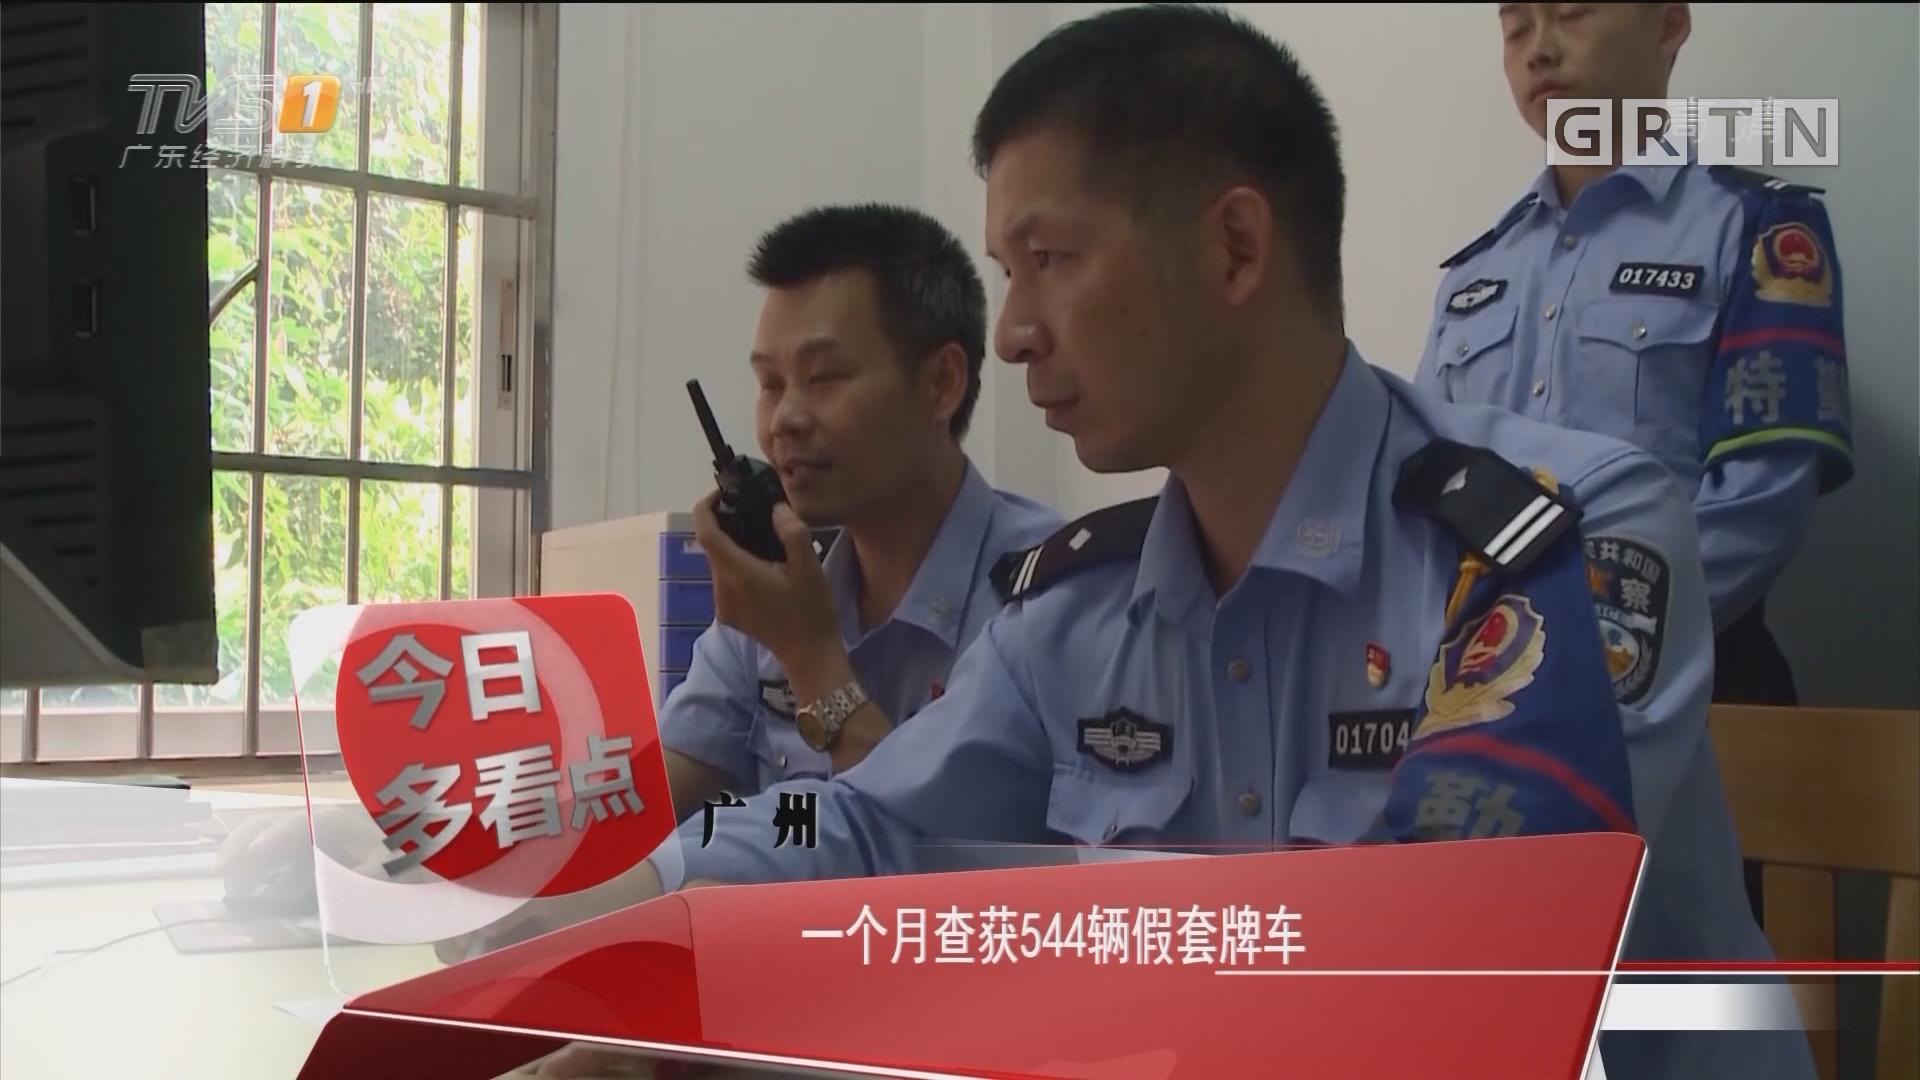 广州:一个月查获544辆假套牌车